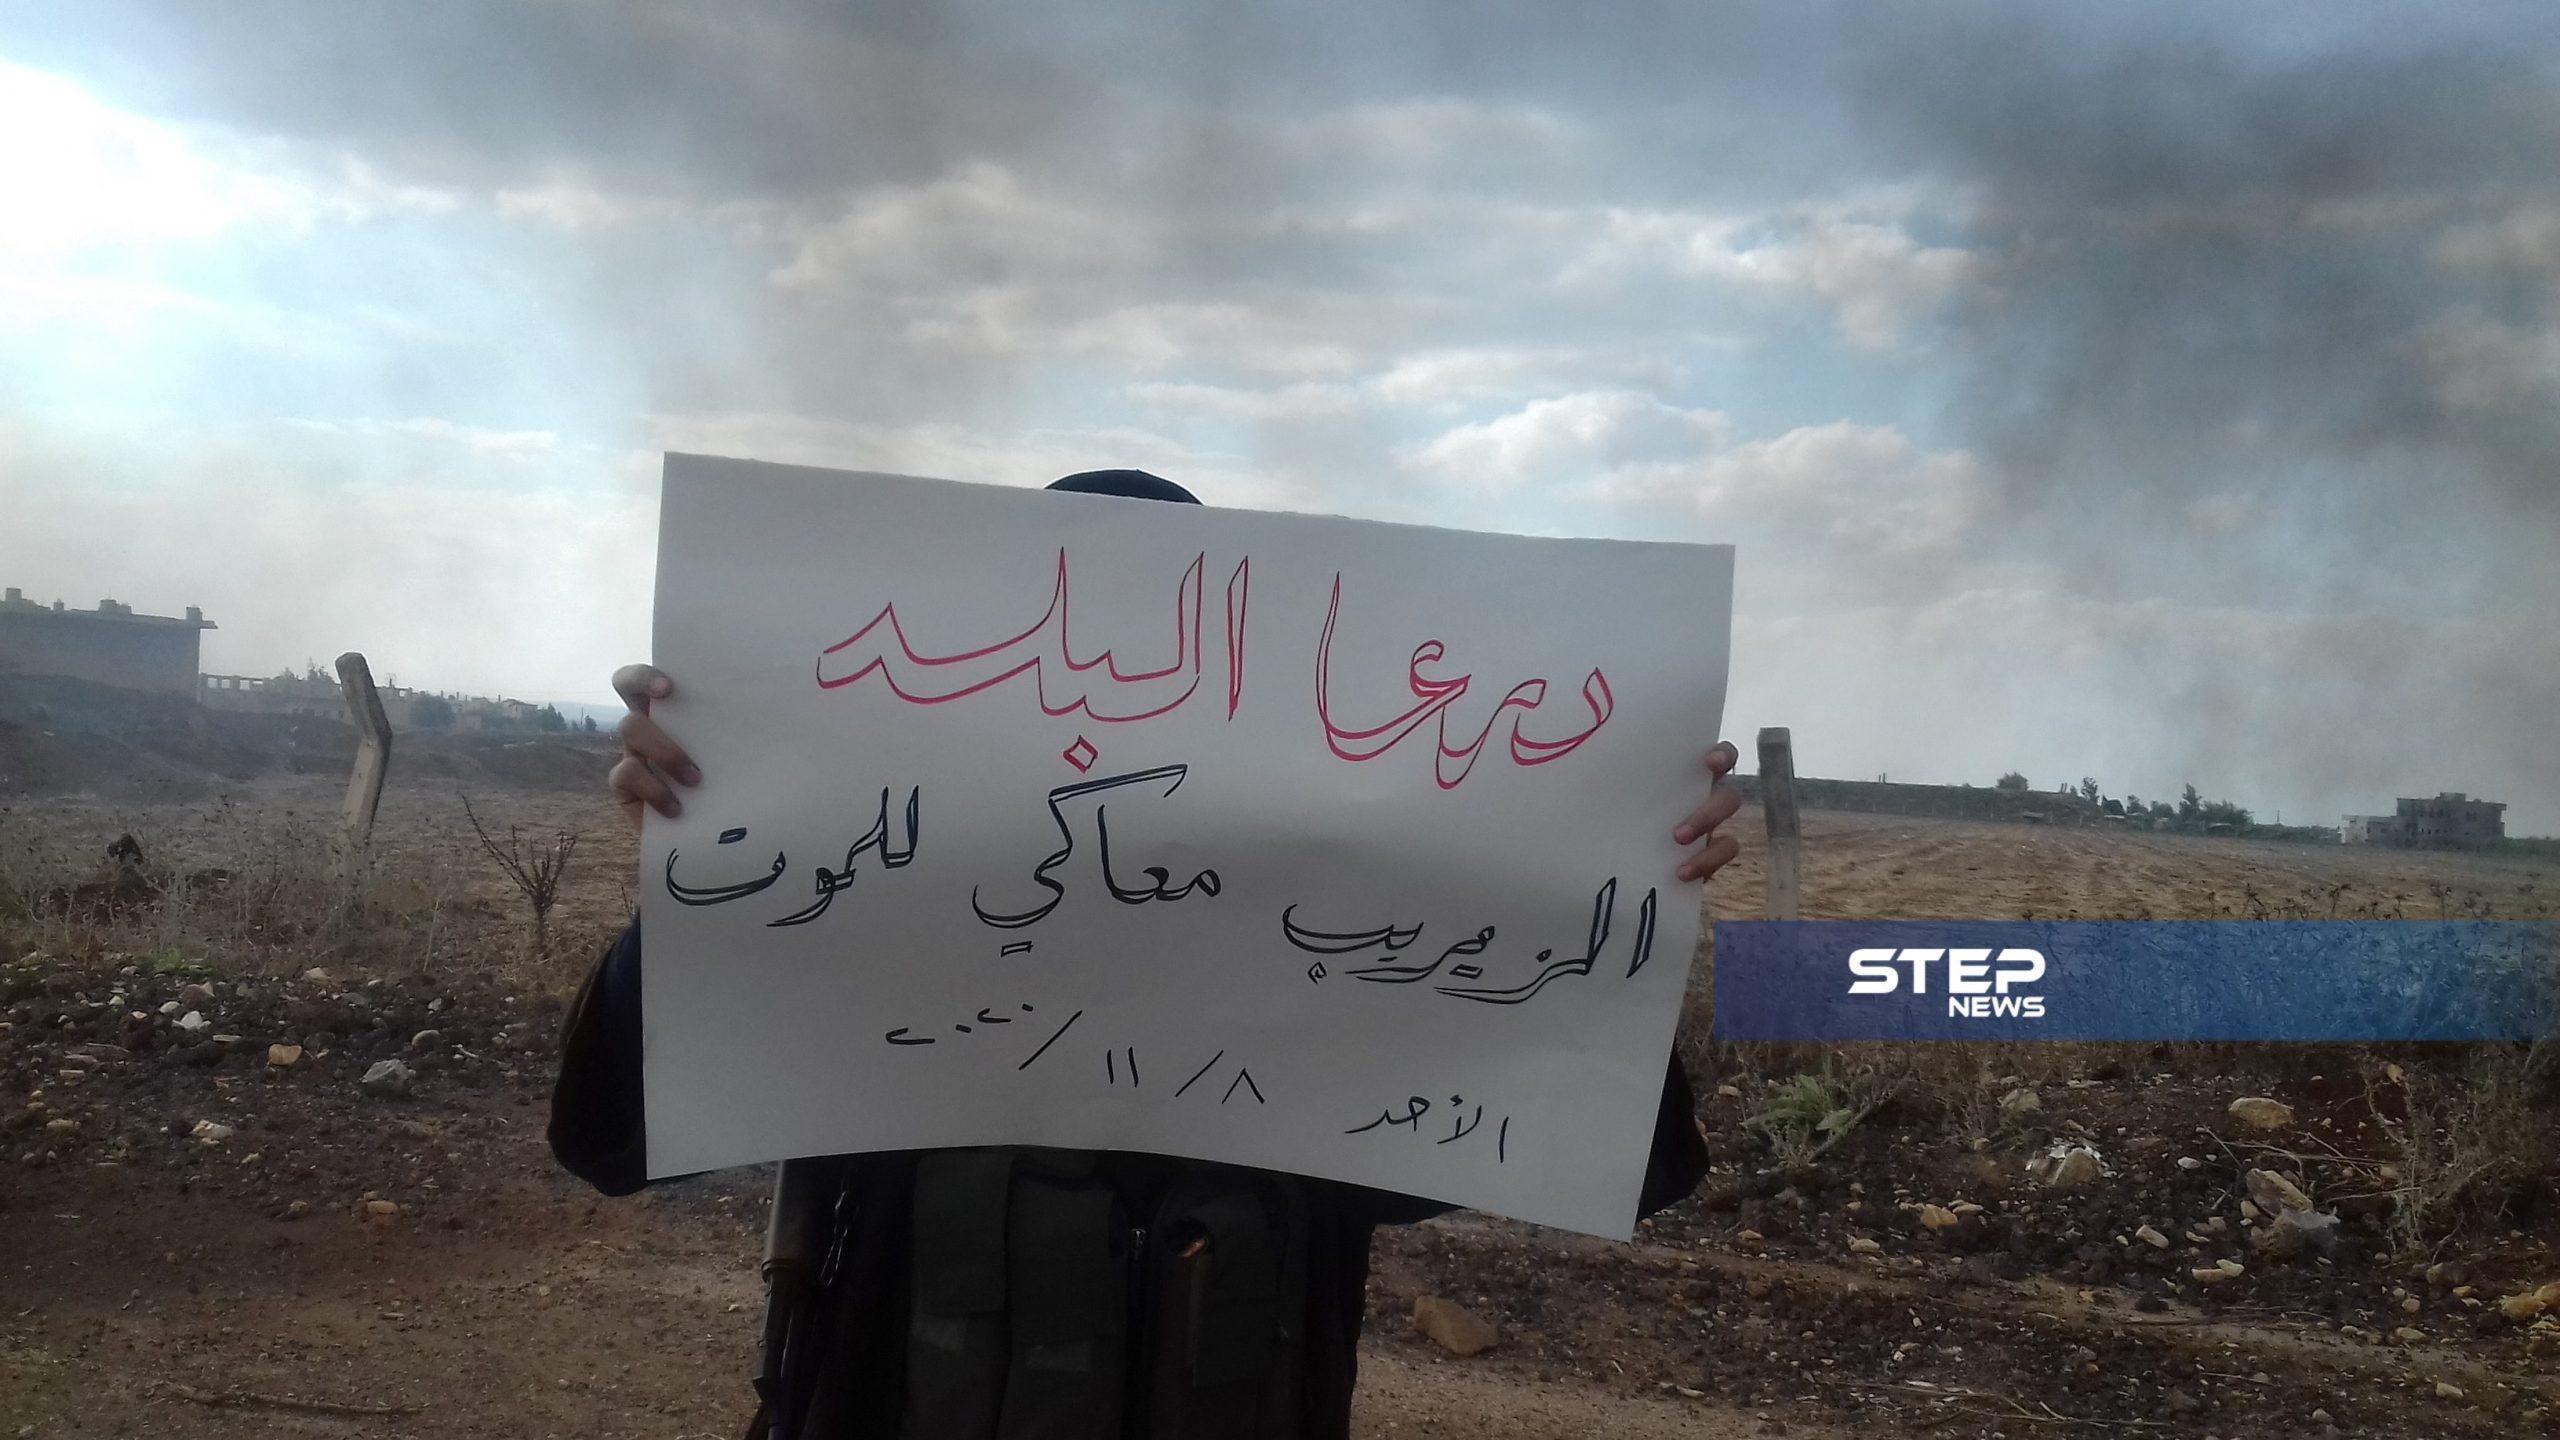 بالفيديو || سيطرة على حواجز وتوتر مستمر.. ثوار درعا يتحركون بقوة ضد النظام السوري